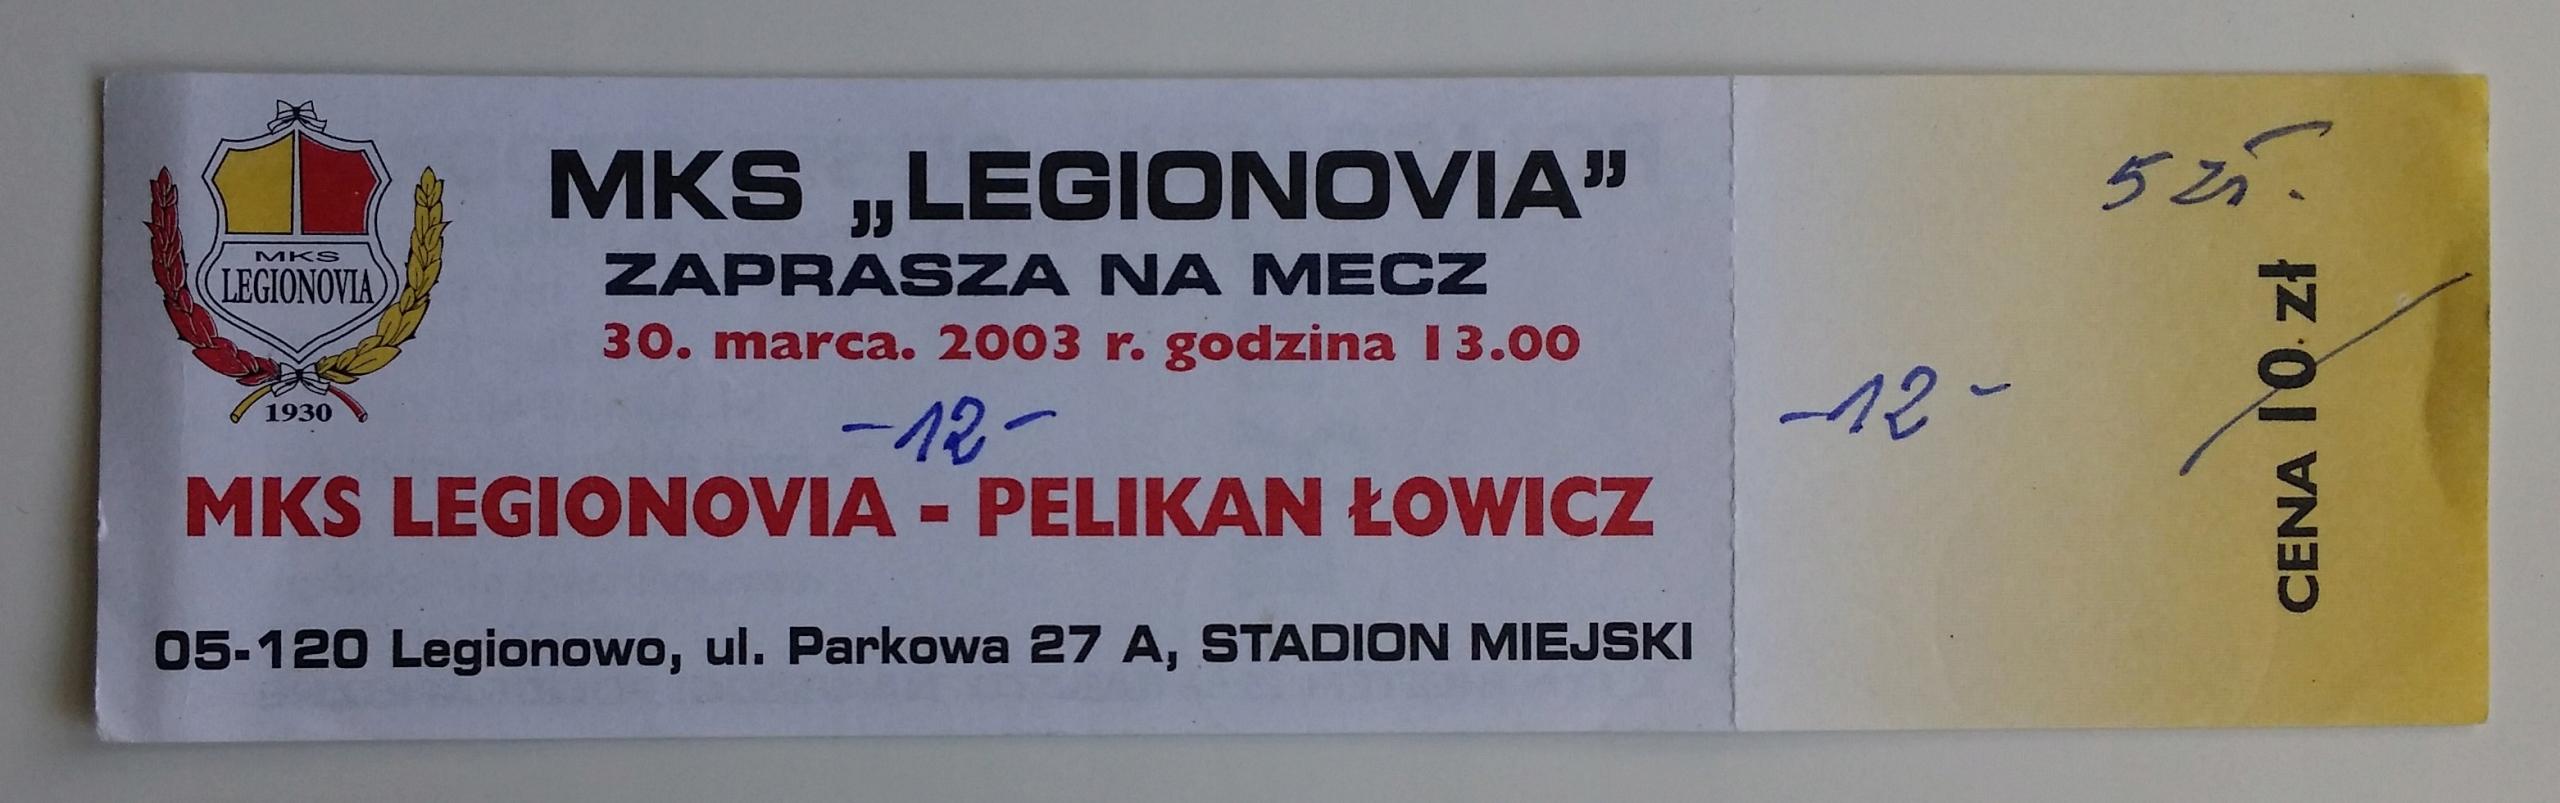 Bilet Legionovia - Pelikan Łowicz 30.03.2003